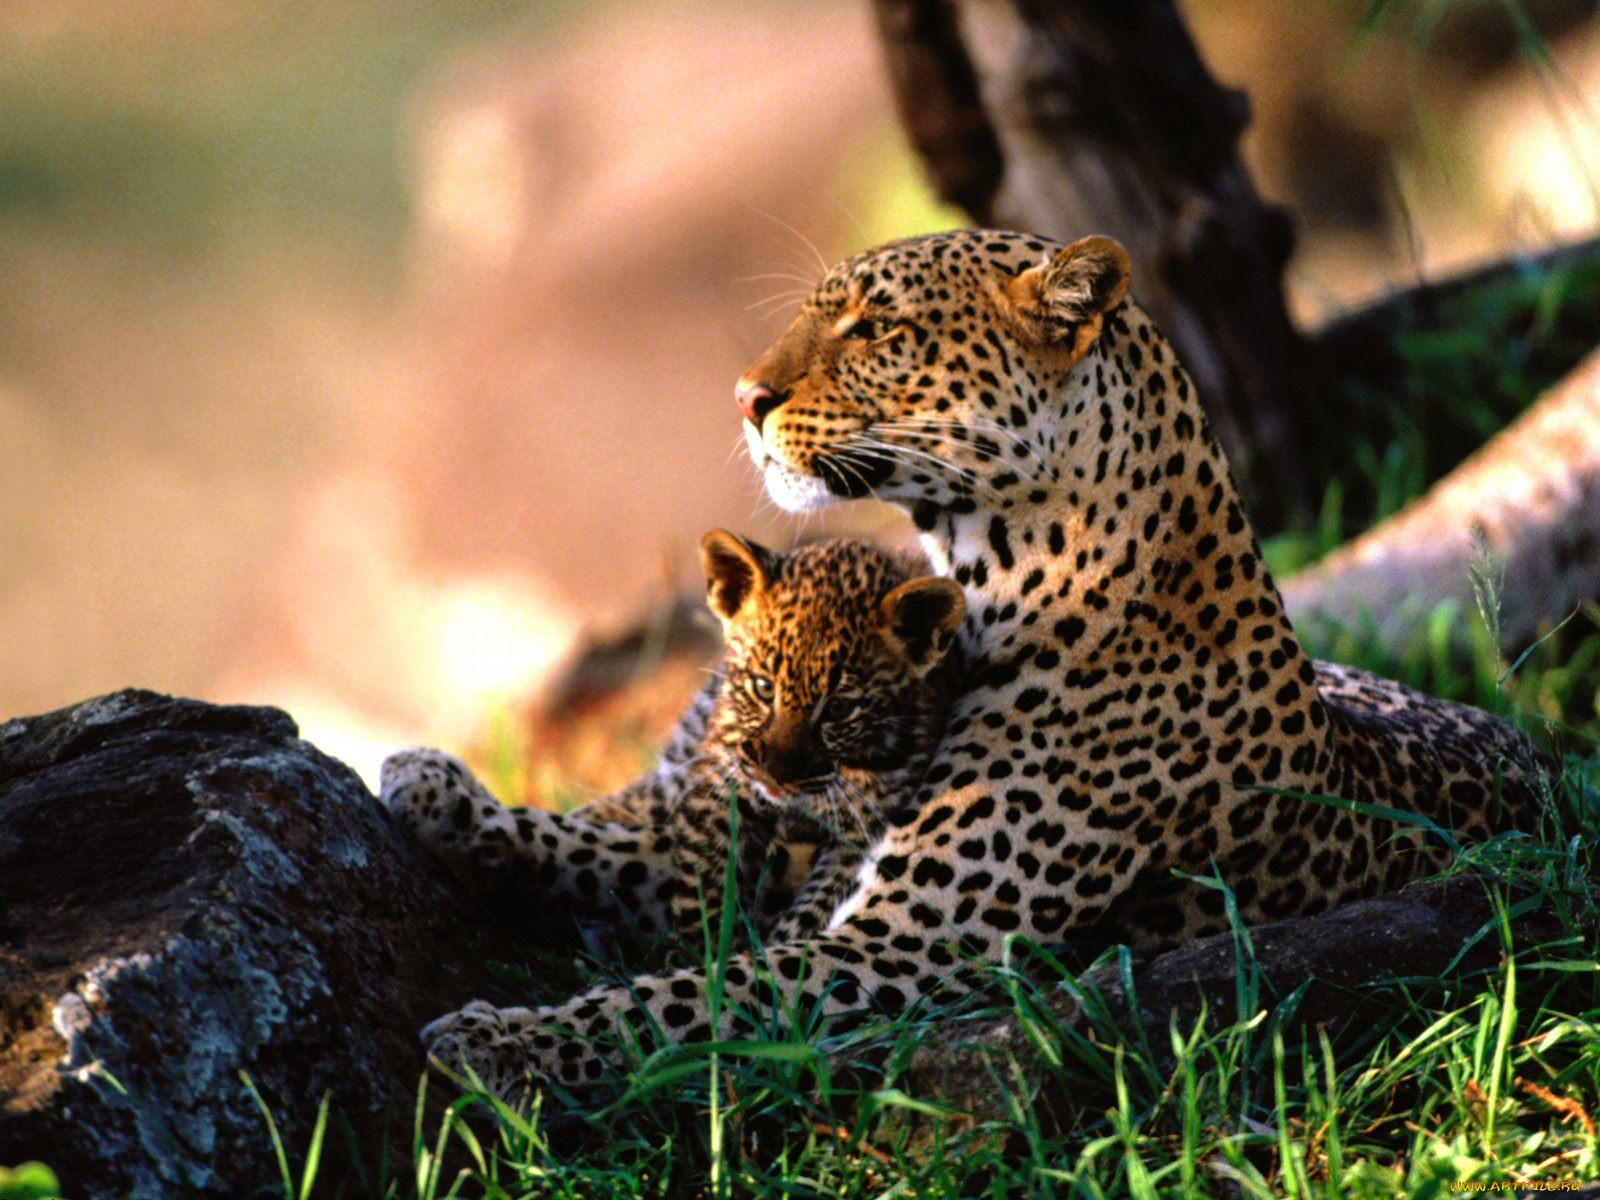 Фото с высоким разрешением для фотопечати животные